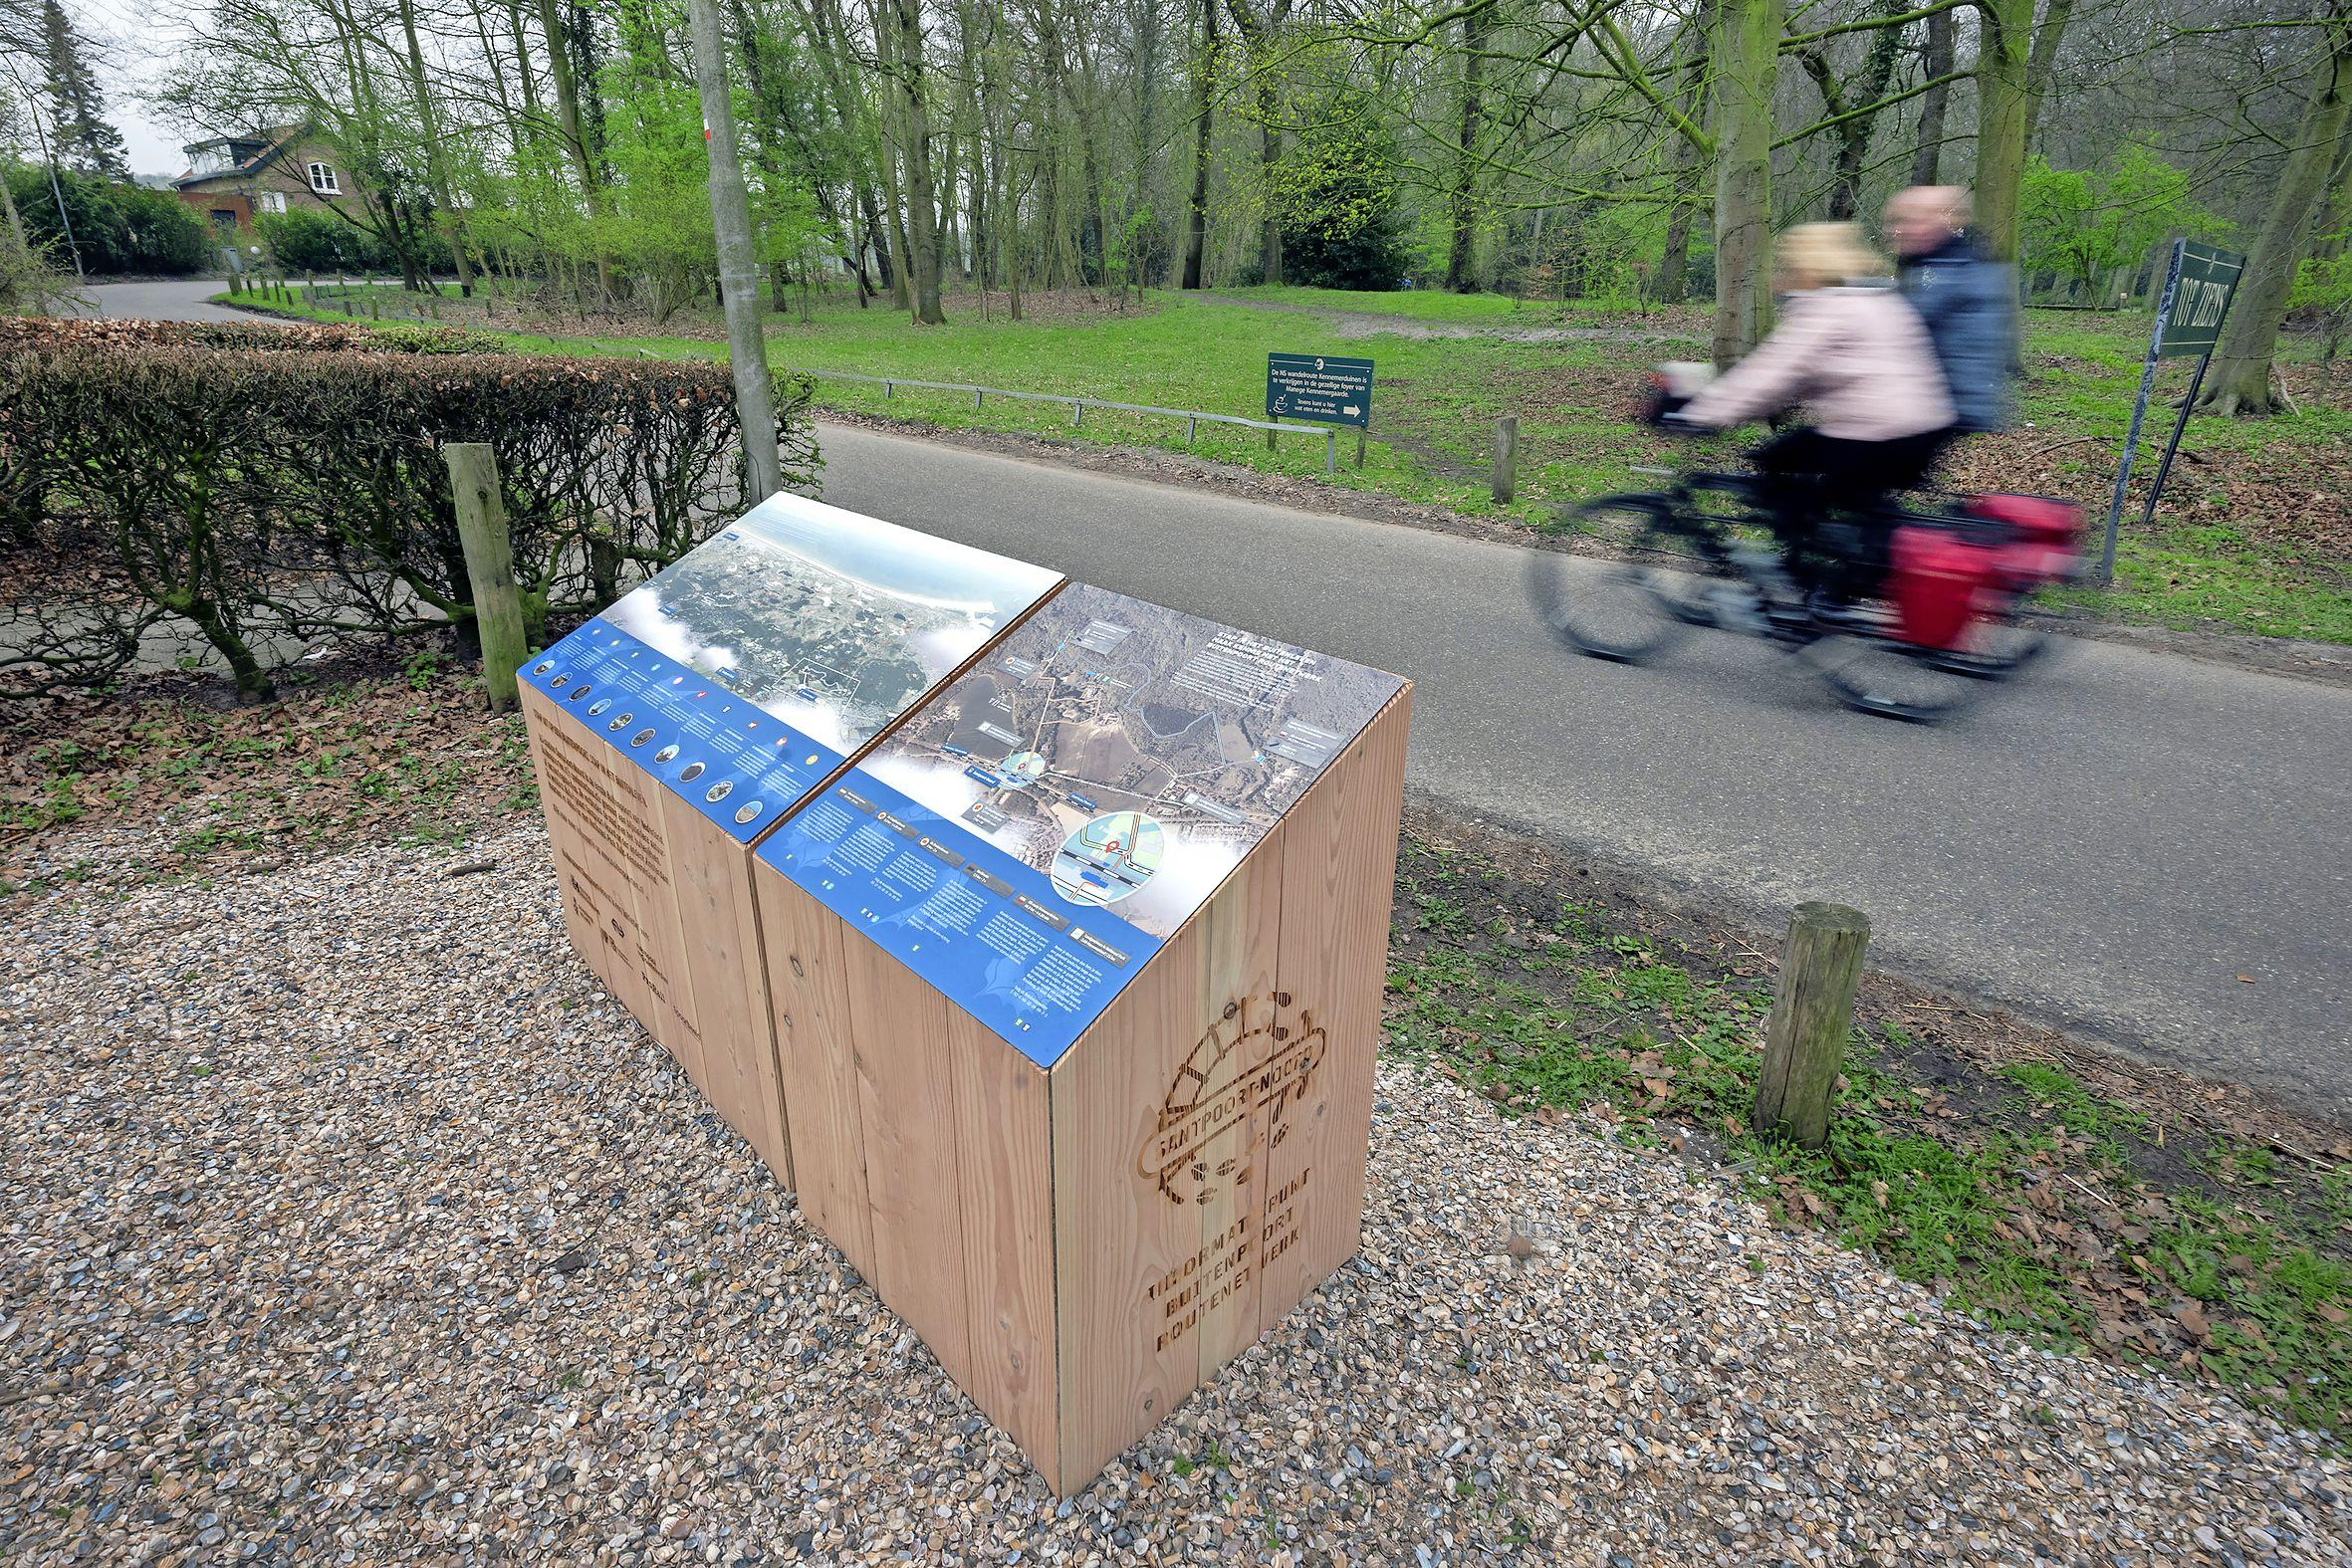 Station Santpoort-Noord blijft toegangspoort tot duinen, maar verliest titel Buitenpoort omdat er geen geld is voor opknapbeurt